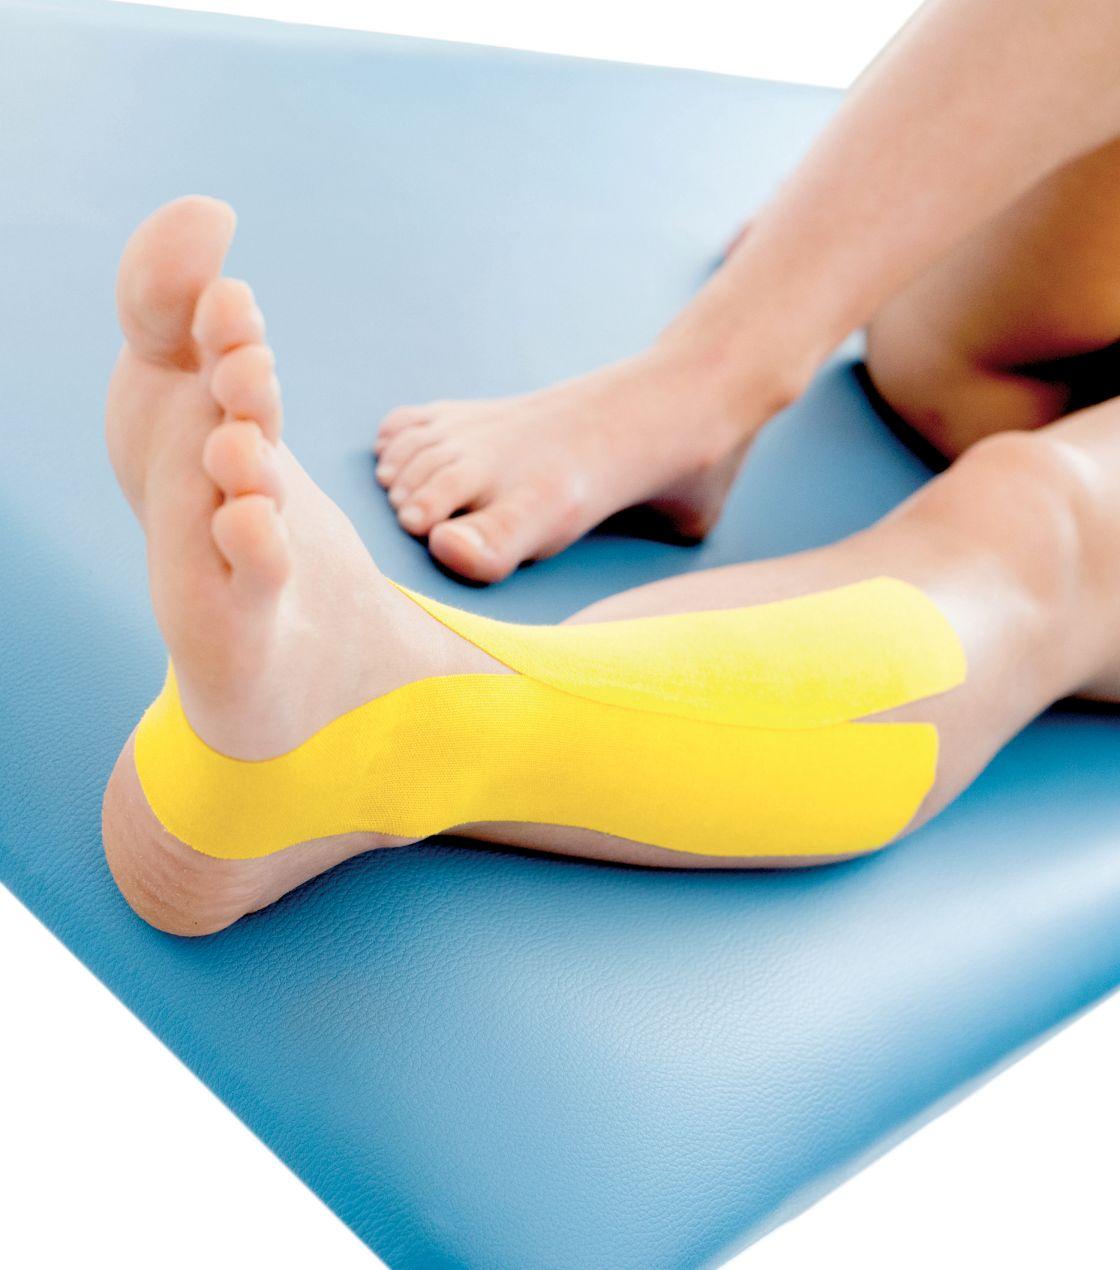 Tejpování podélně ploché nohy 2